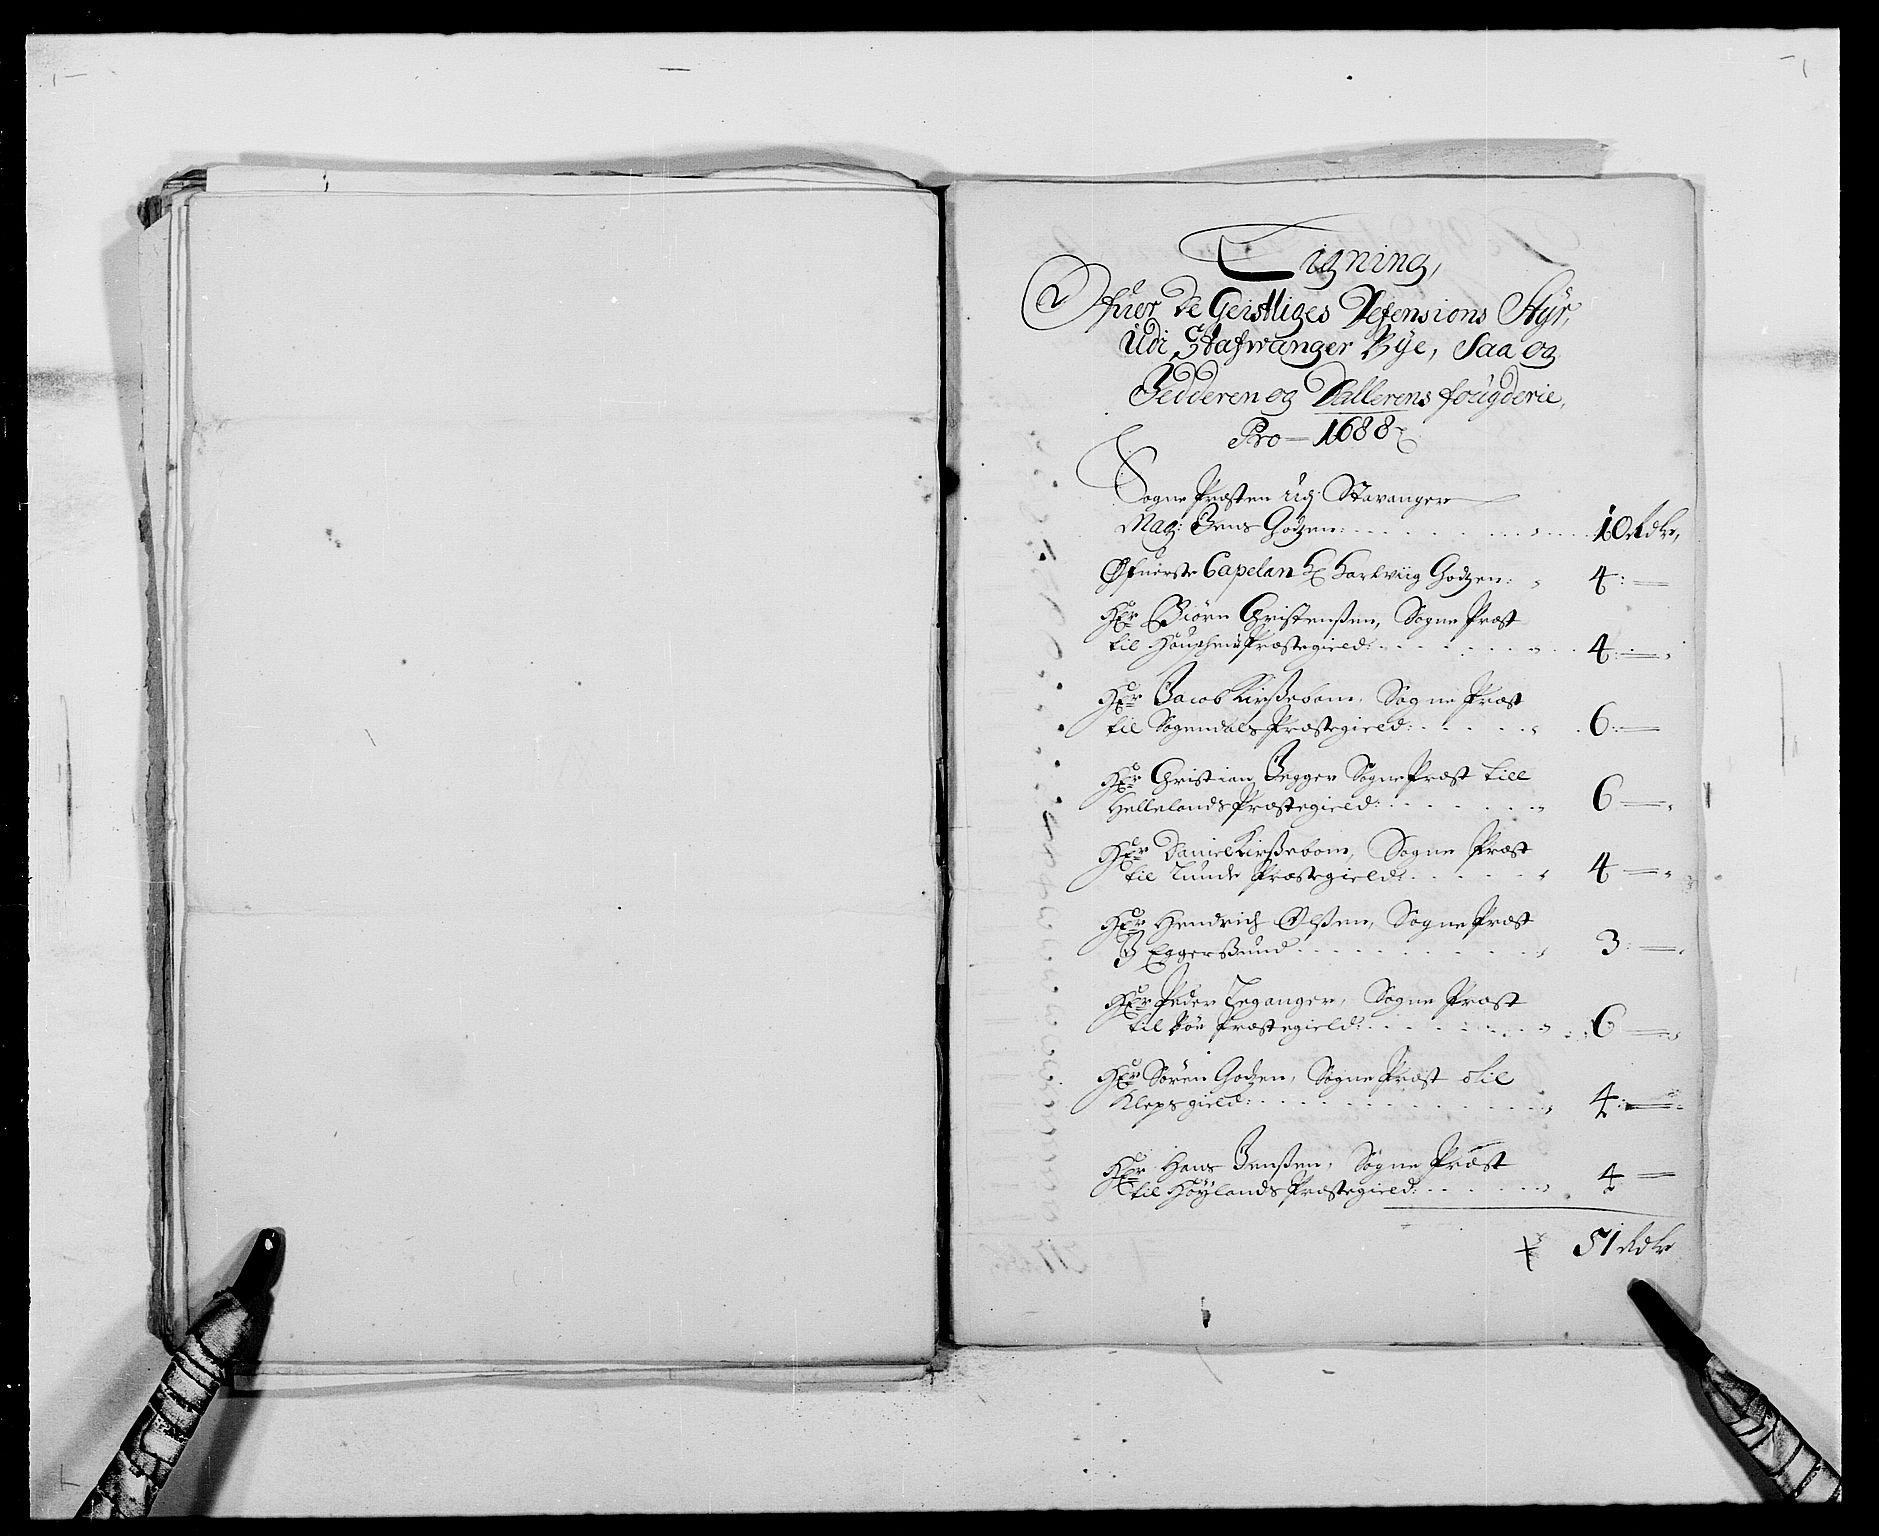 RA, Rentekammeret inntil 1814, Reviderte regnskaper, Fogderegnskap, R46/L2726: Fogderegnskap Jæren og Dalane, 1686-1689, s. 277